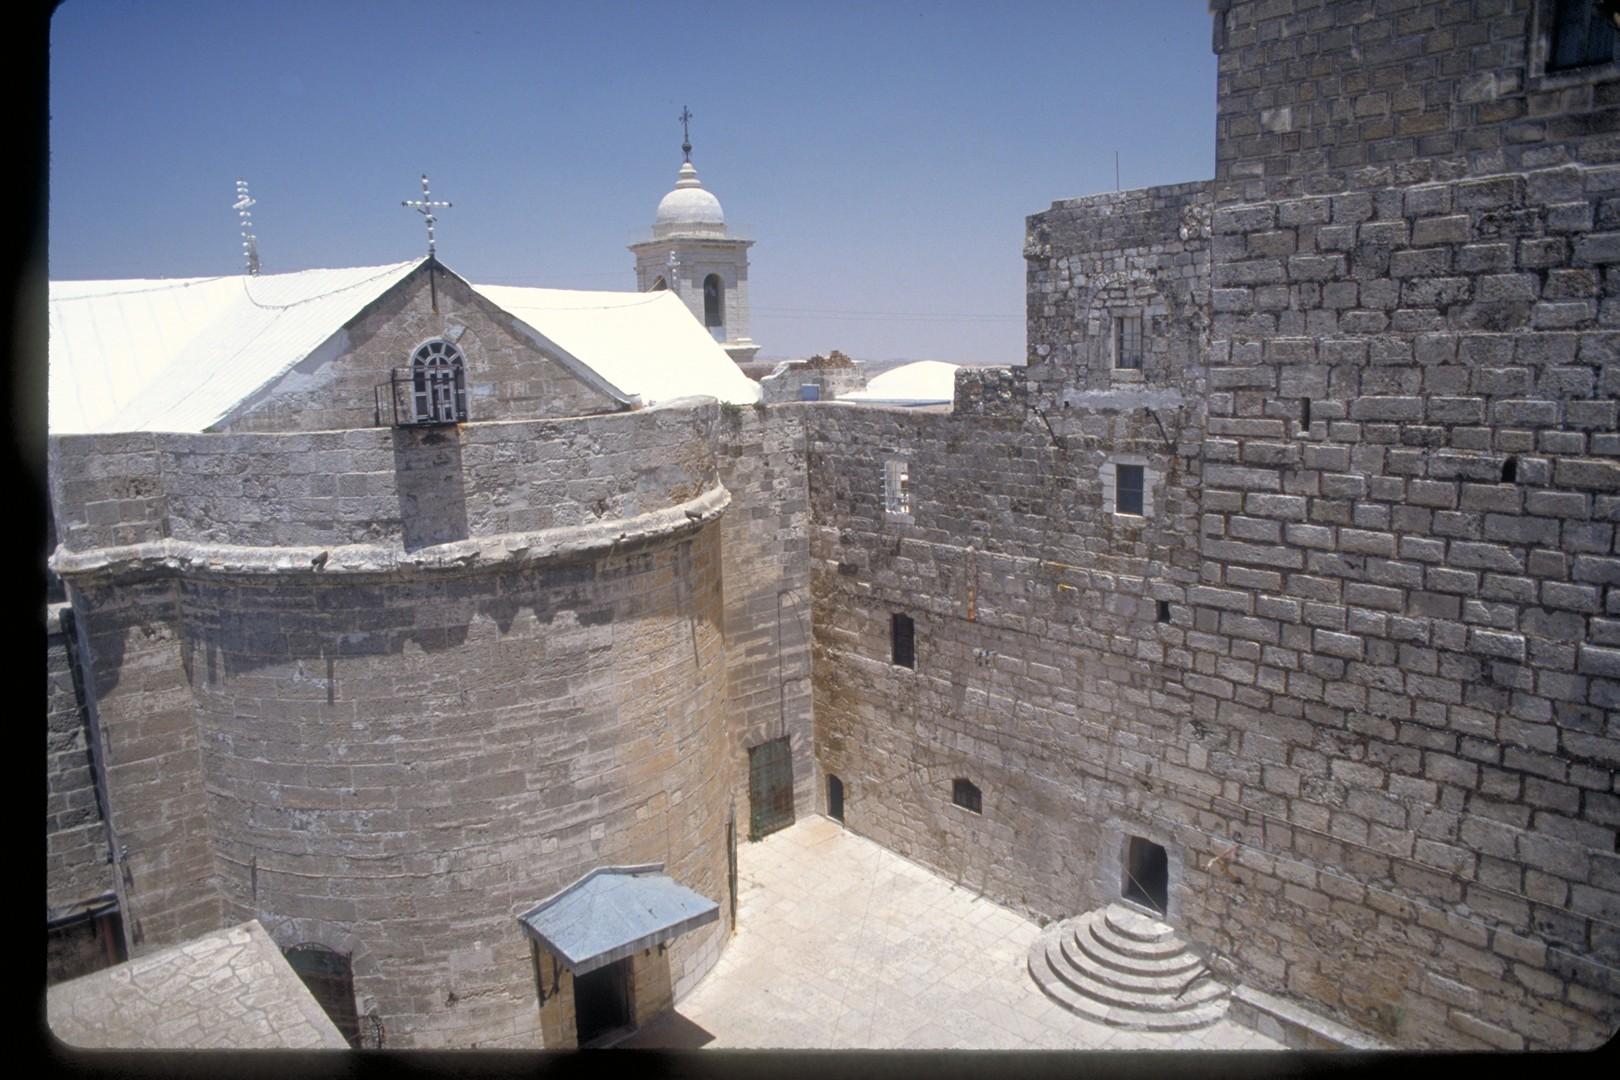 Beit Lehem